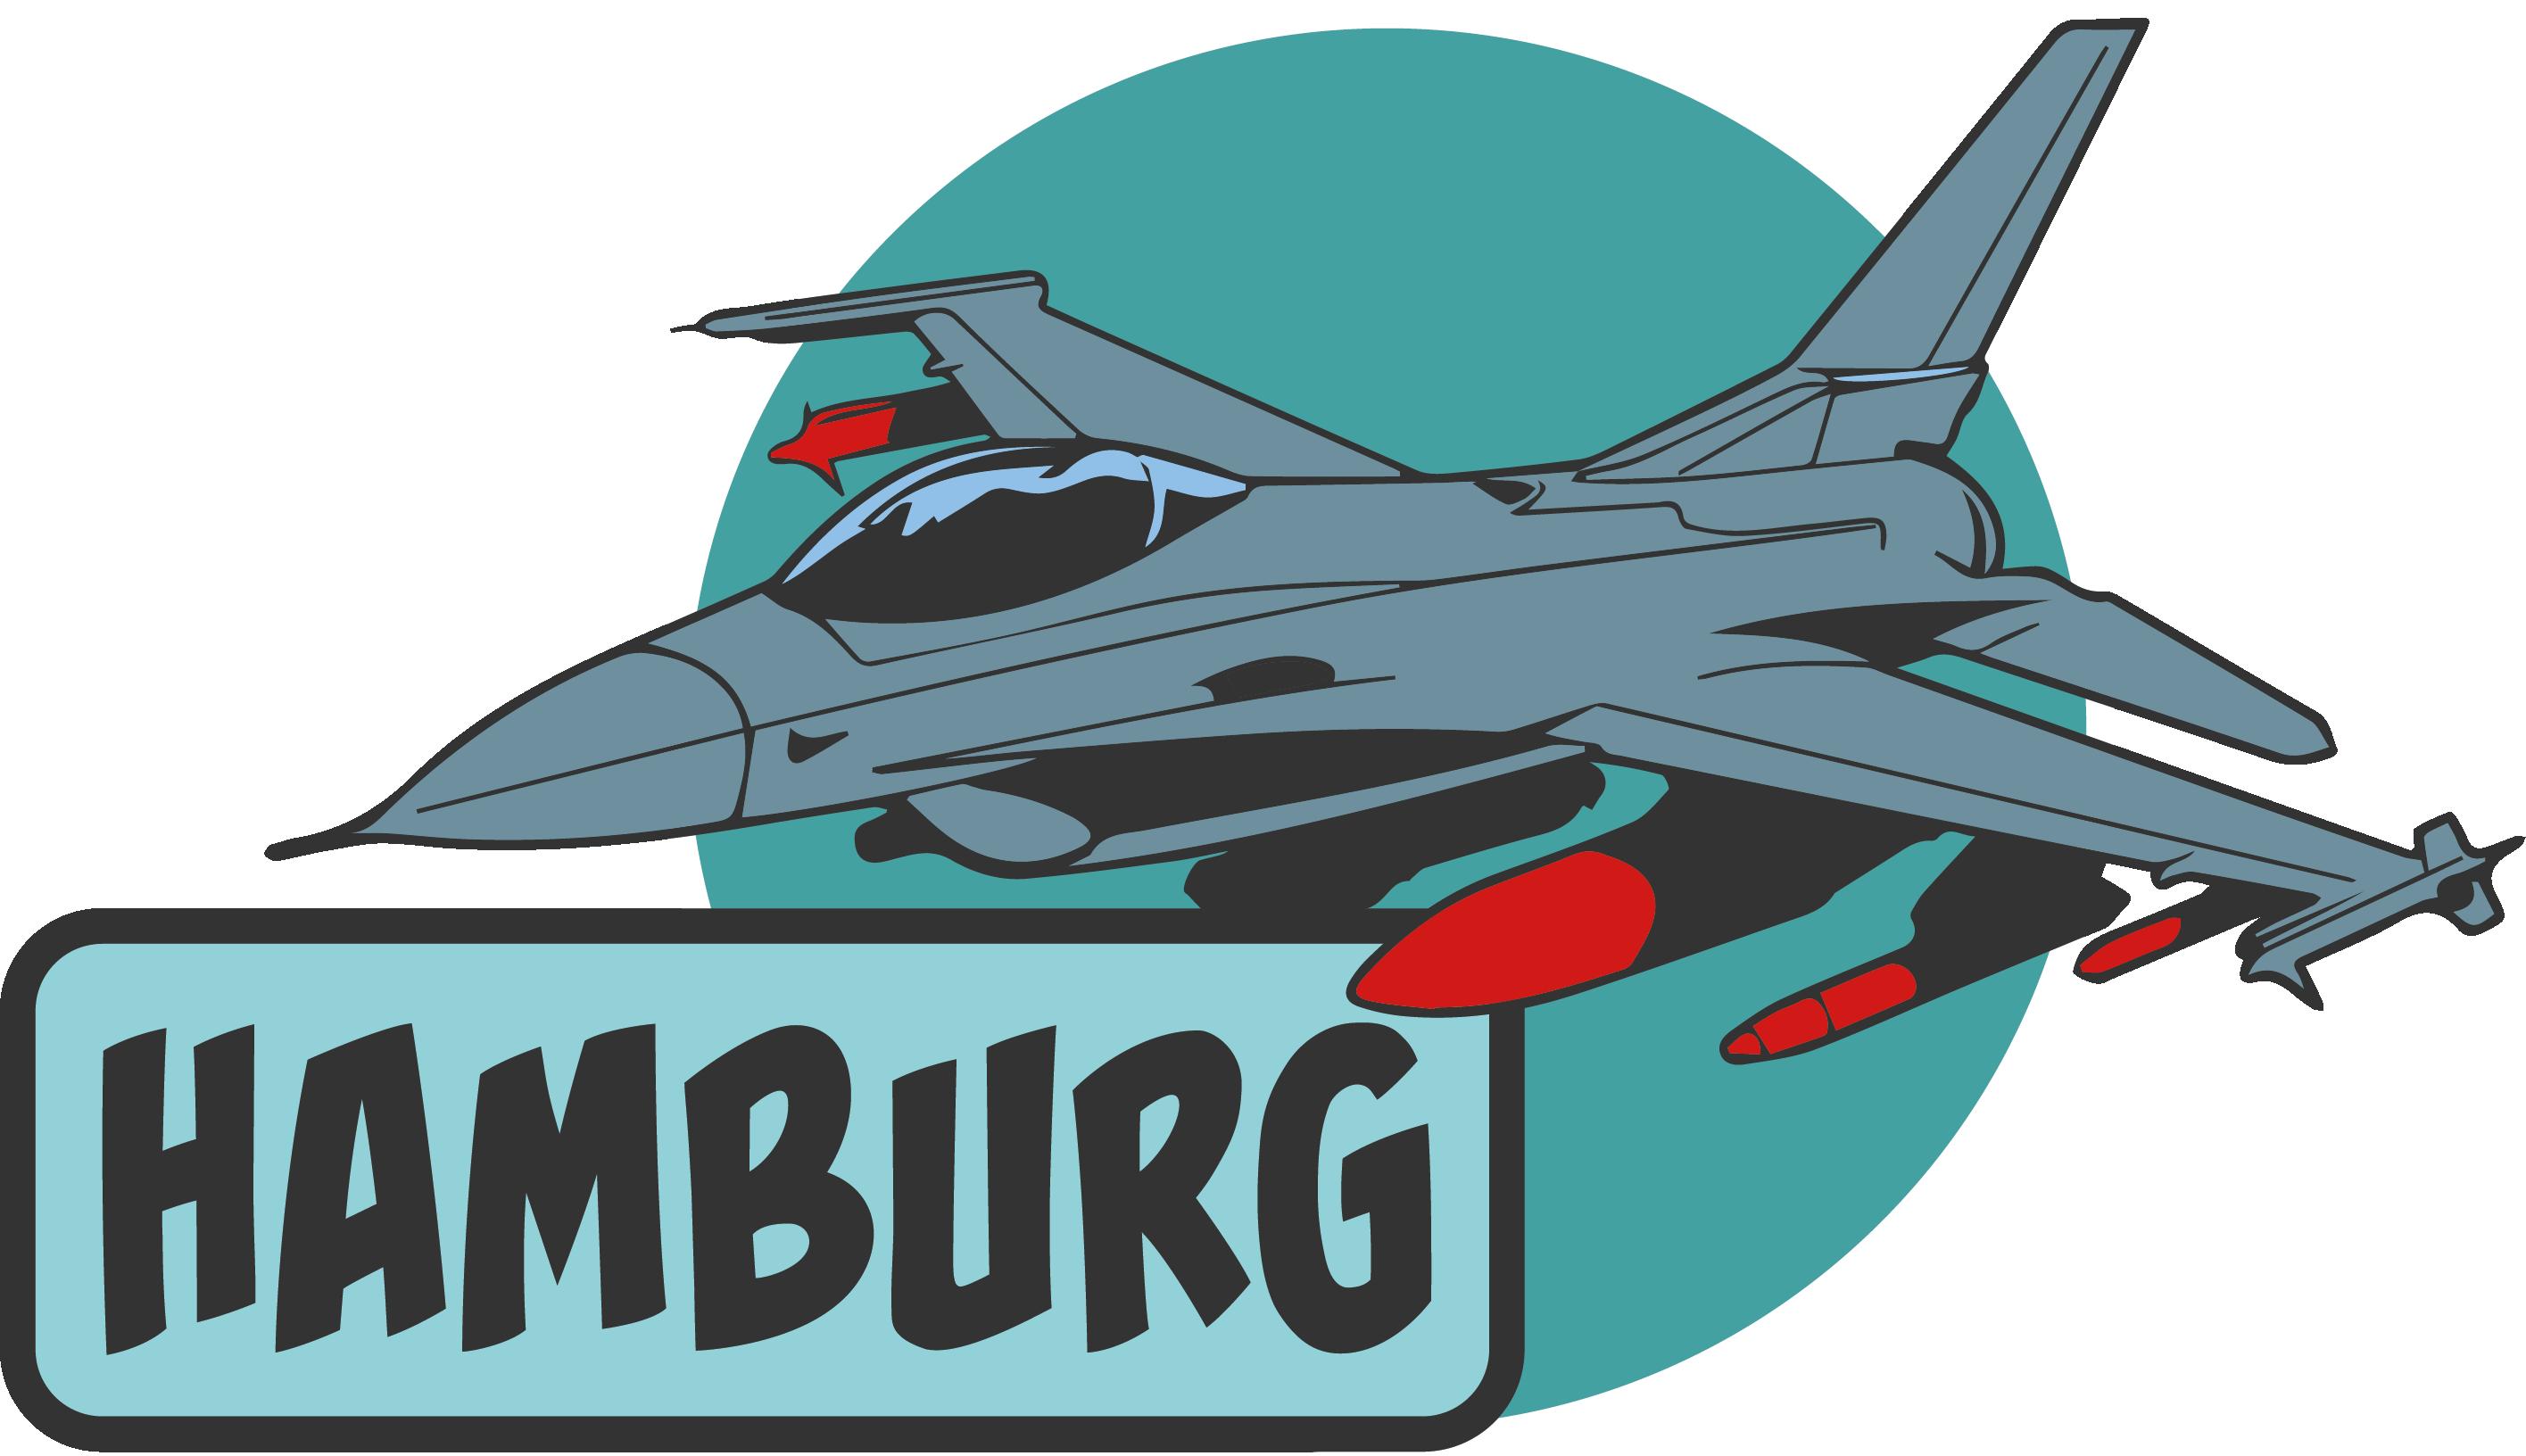 Hamberg-2